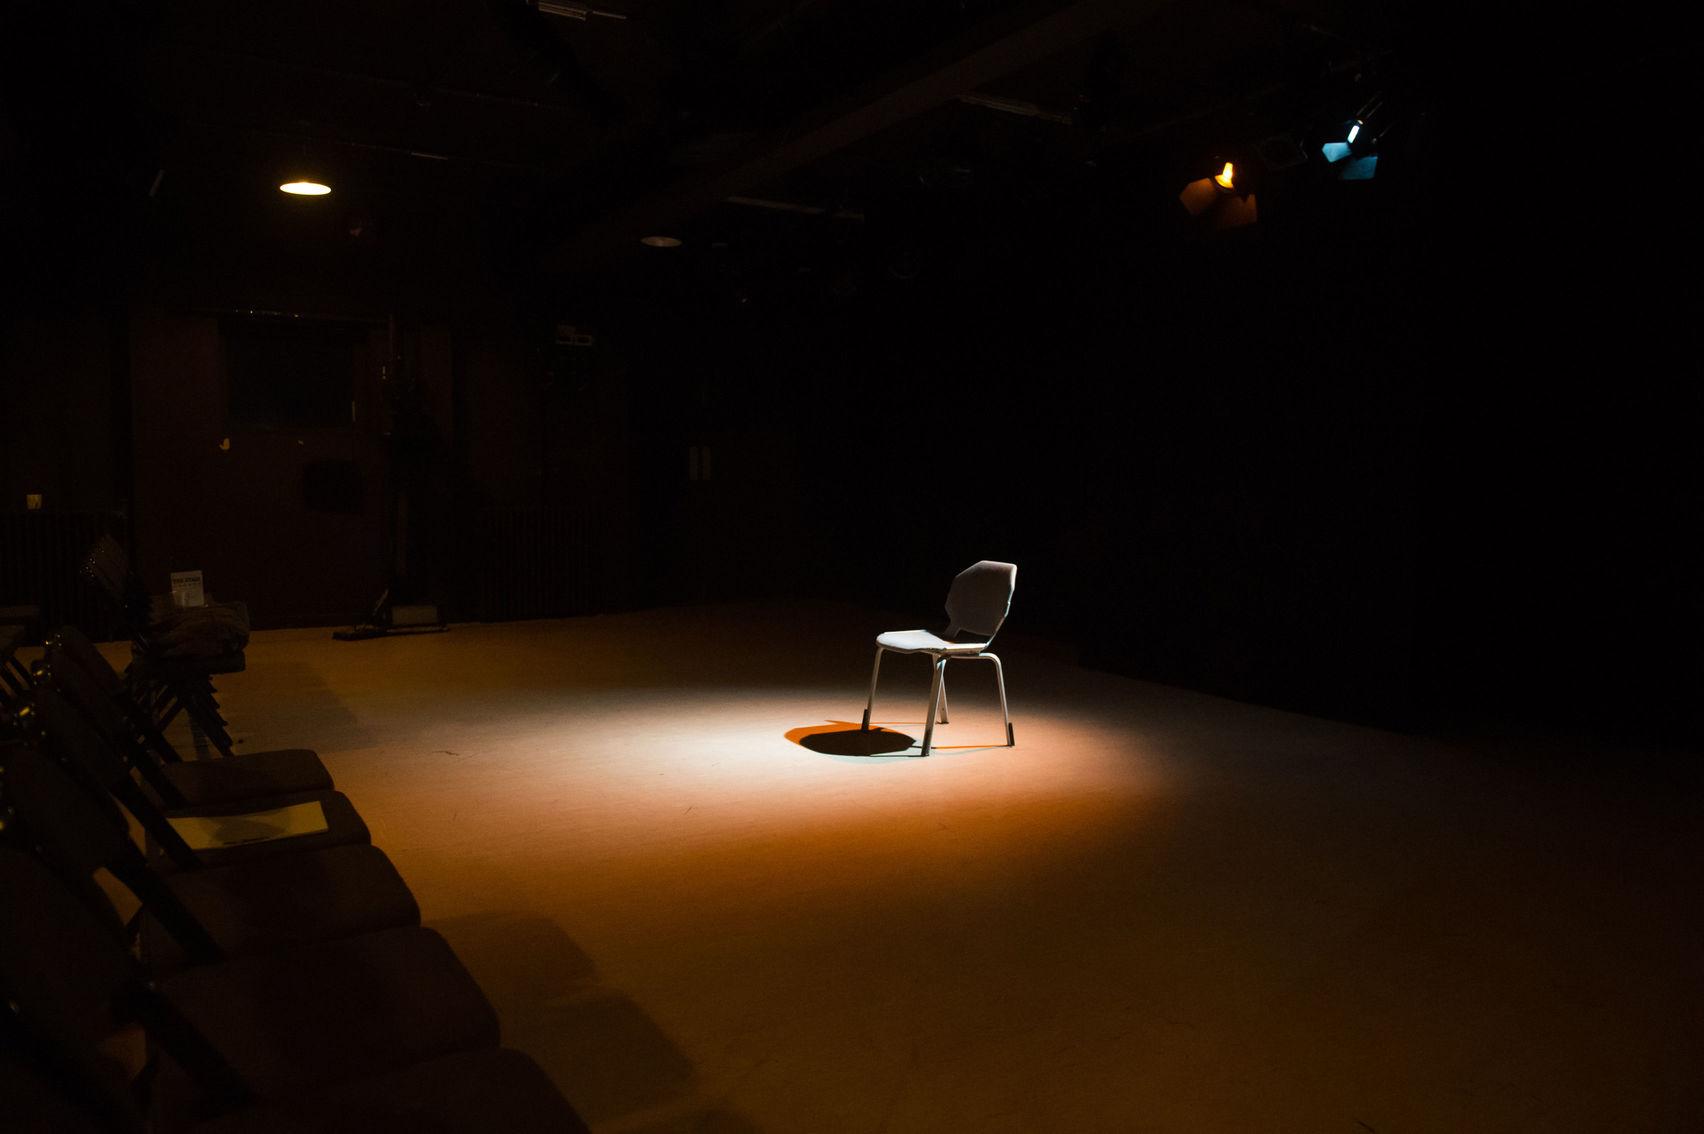 Studio, Playhouse Theatre